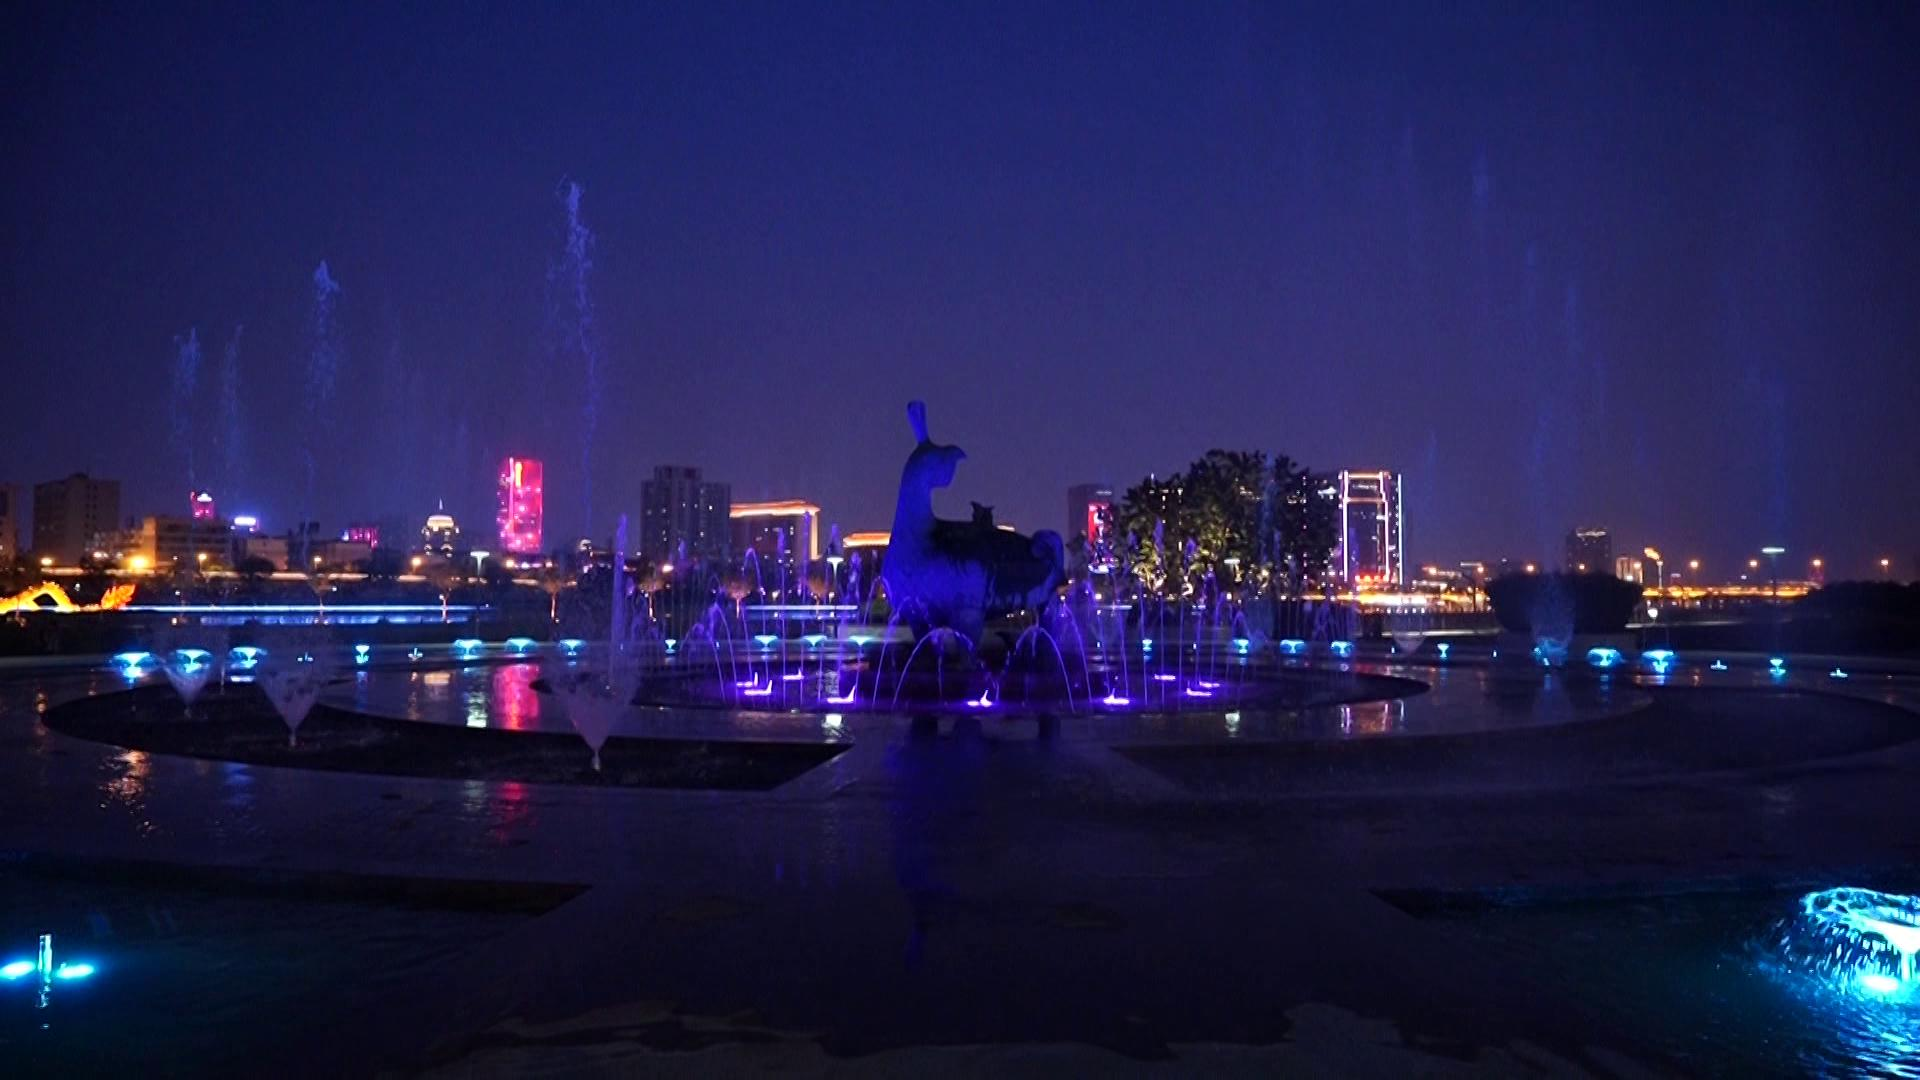 随着快车去骑行:车道旁景观进级 喷泉广场绚丽绽放